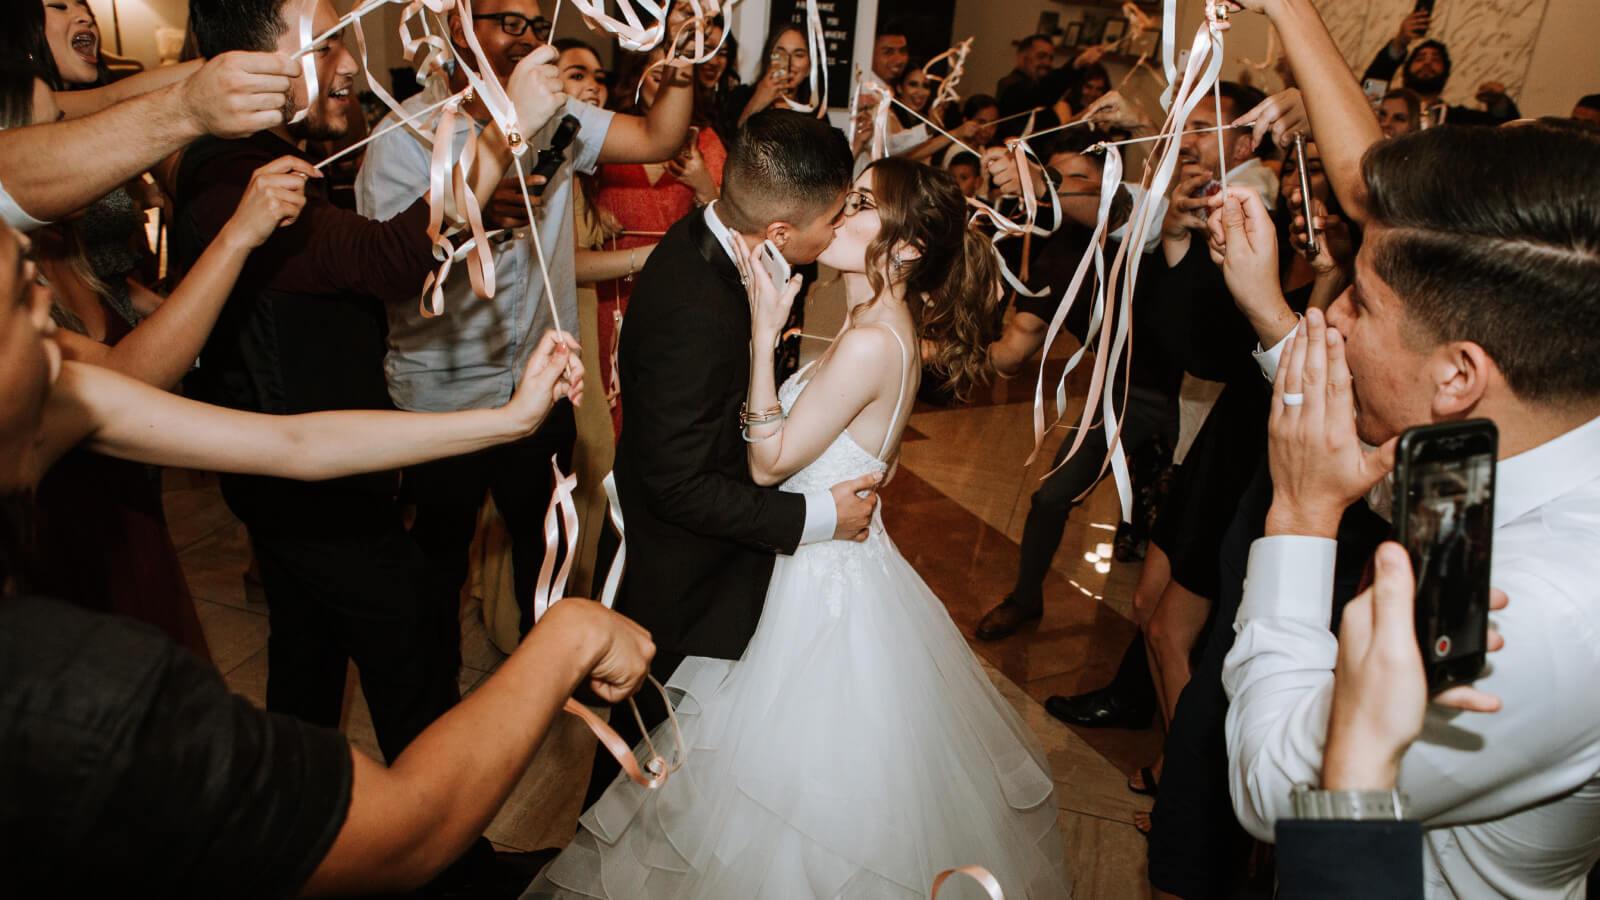 Les mariés s'embrassent durant leur soirée à Villefranche-sur-Saône